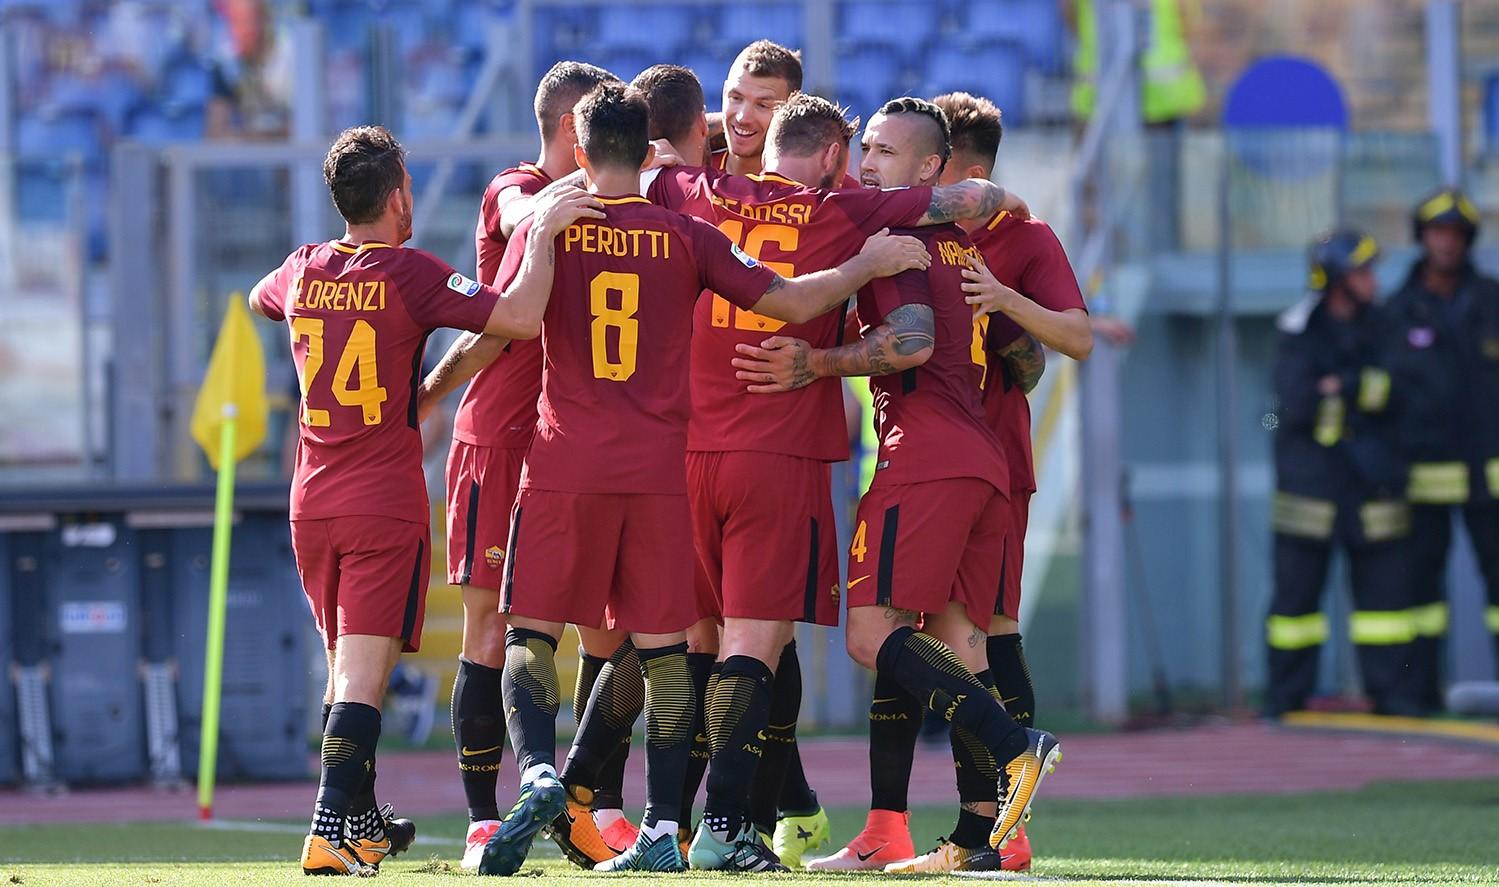 Сигурна победа на Рома против Удинезе